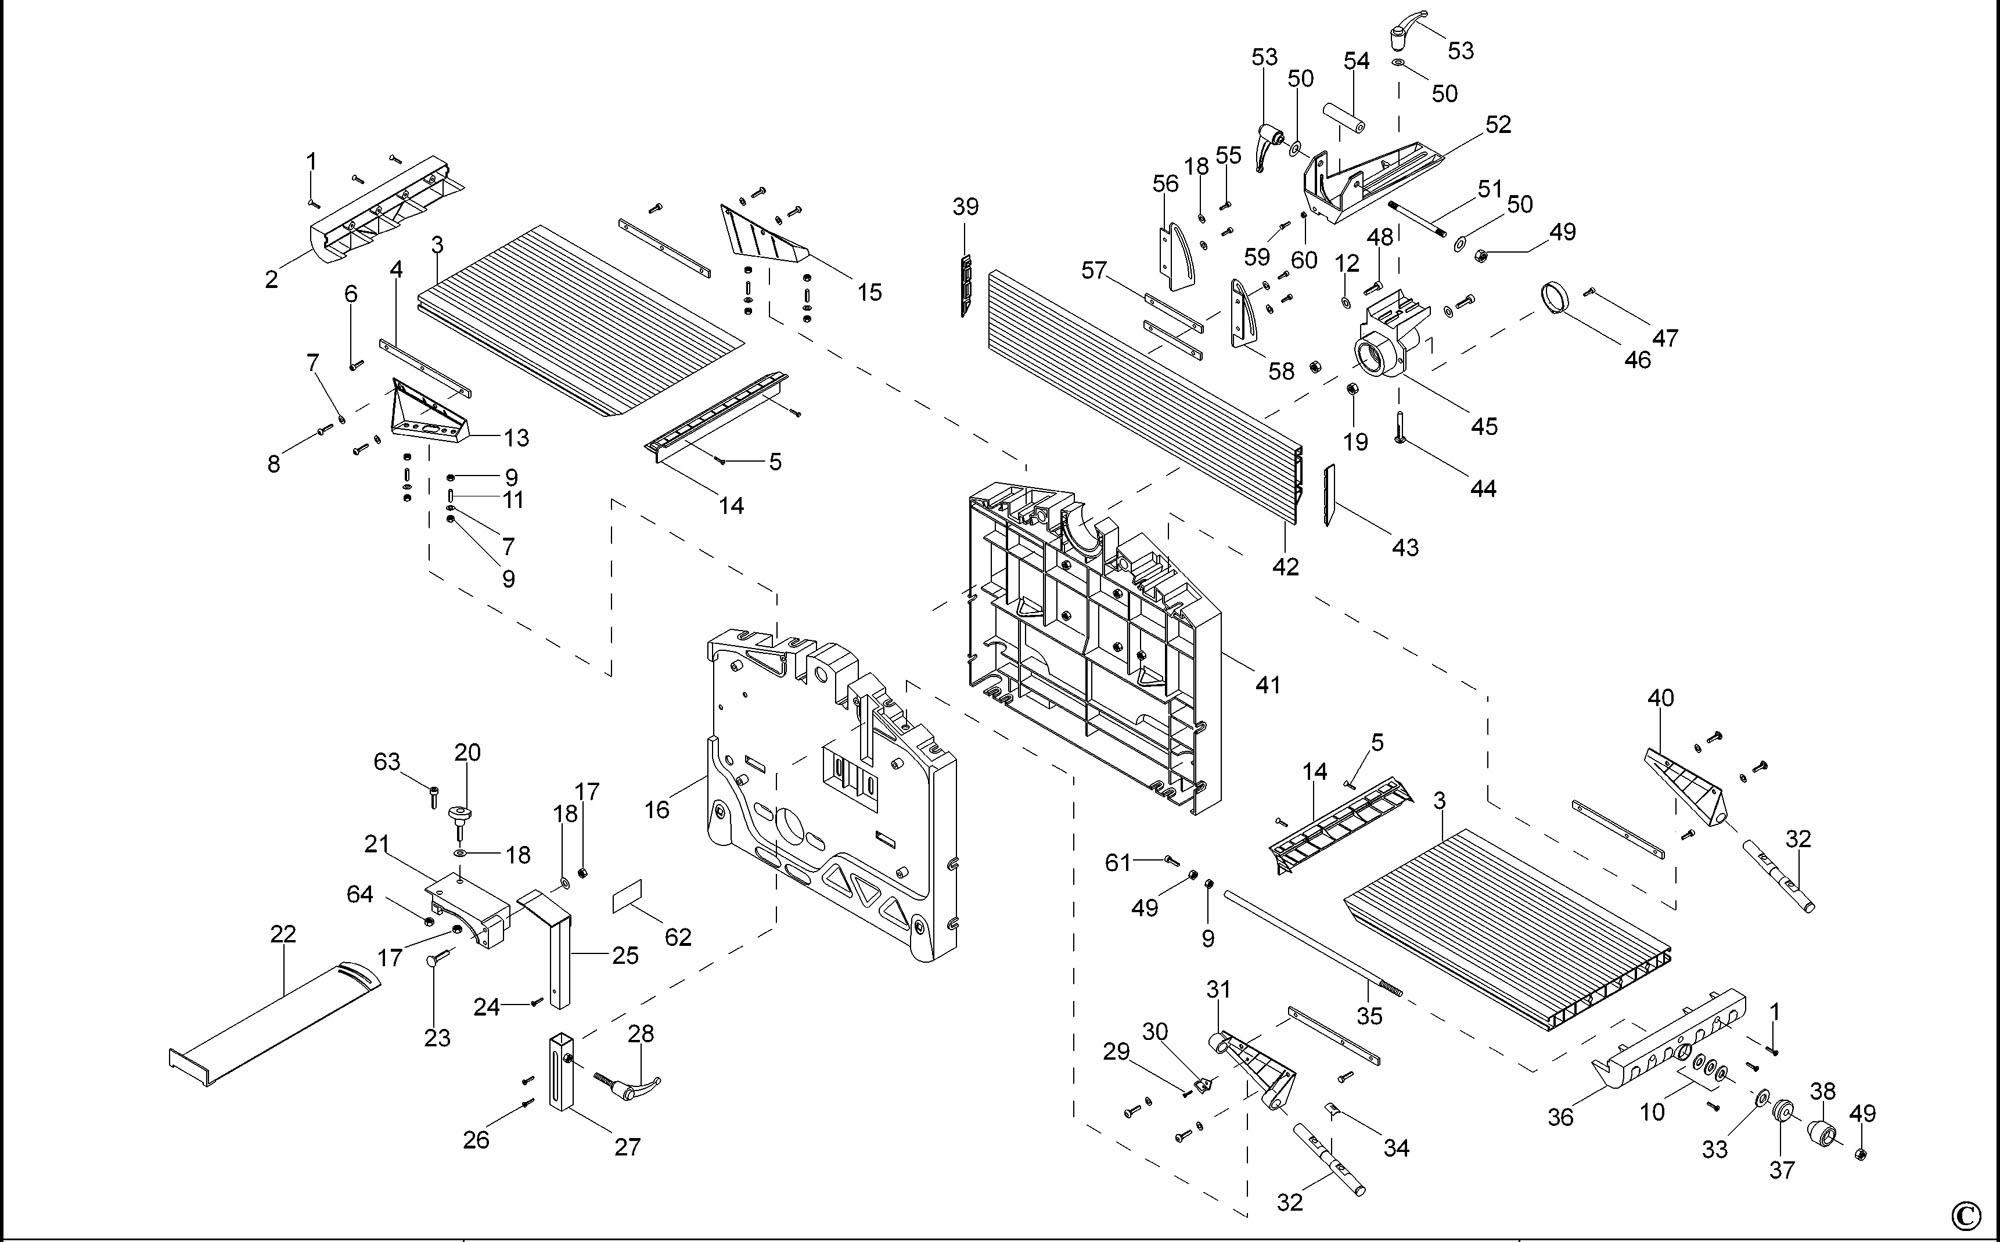 Dewalt Planer Wiring Diagram Jeep 4.0 Spark Plug Wire